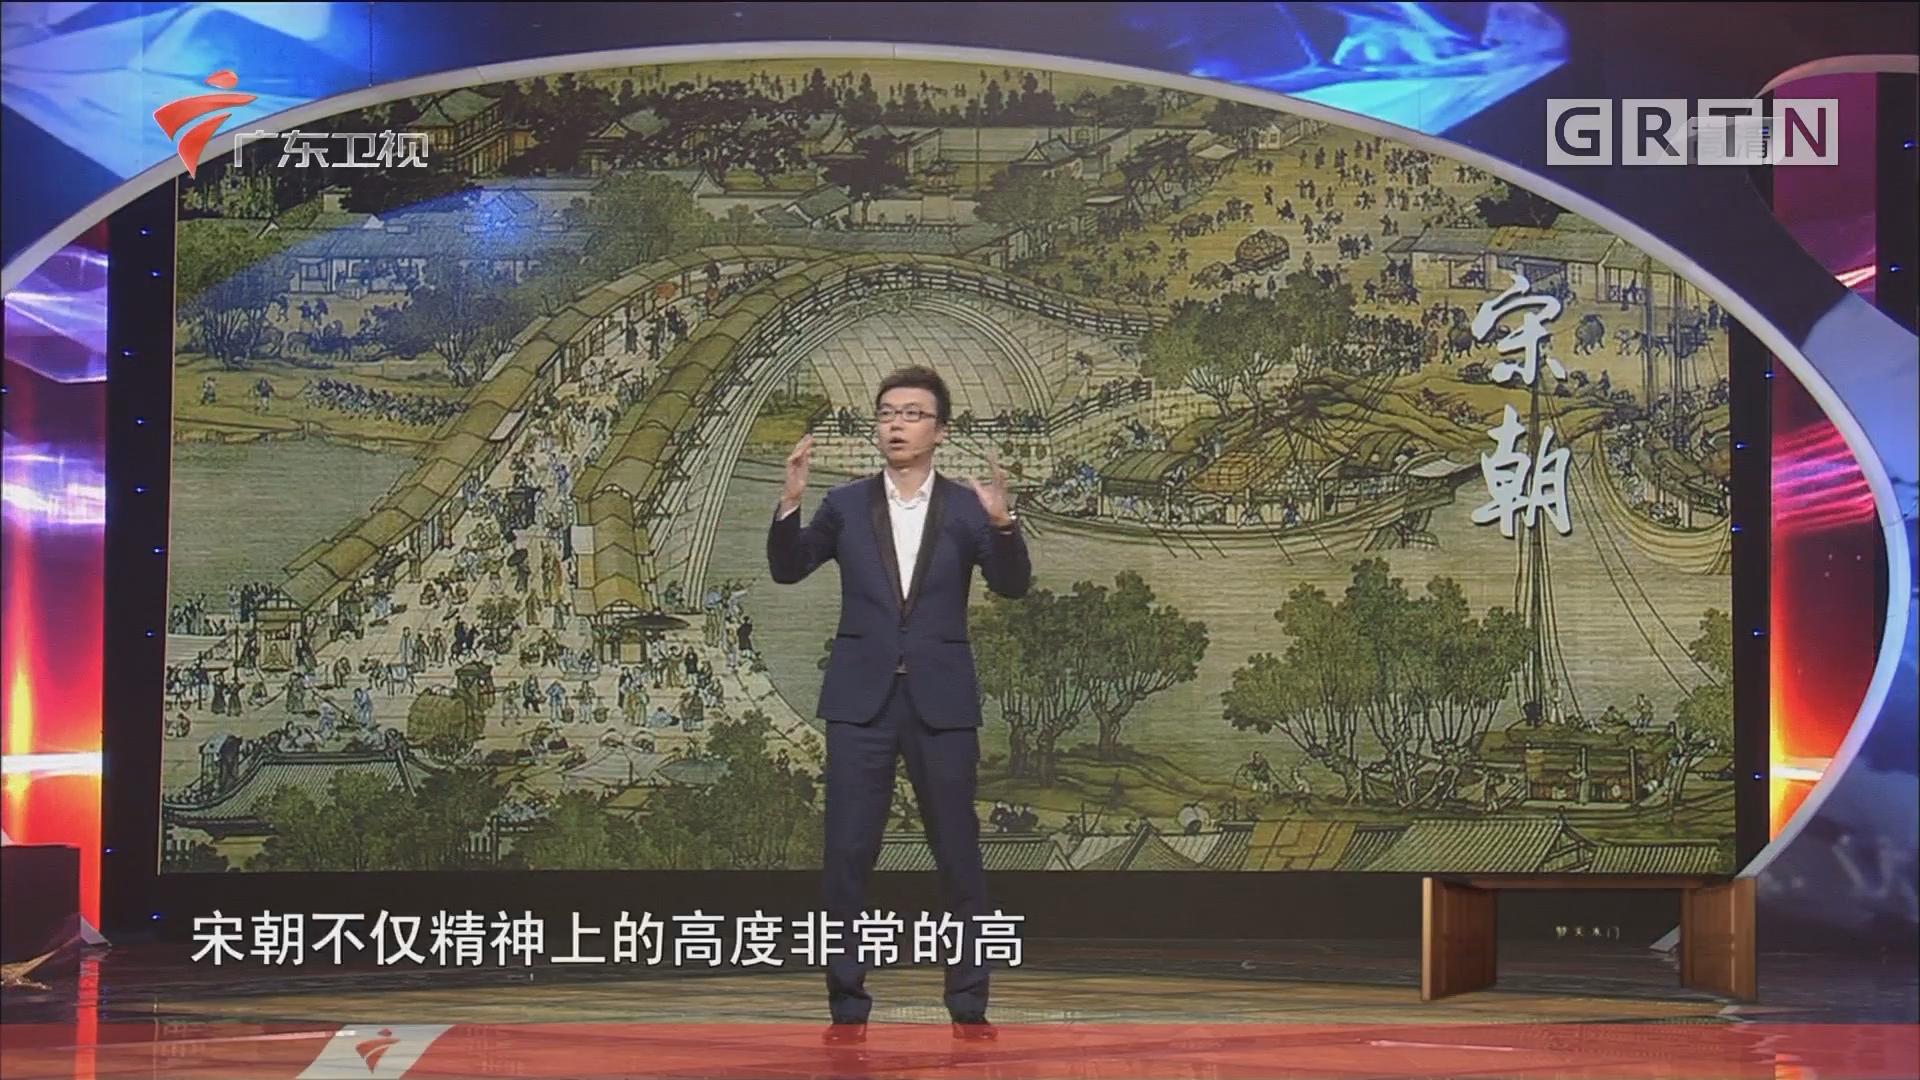 中国制造的点金密码·笛一声